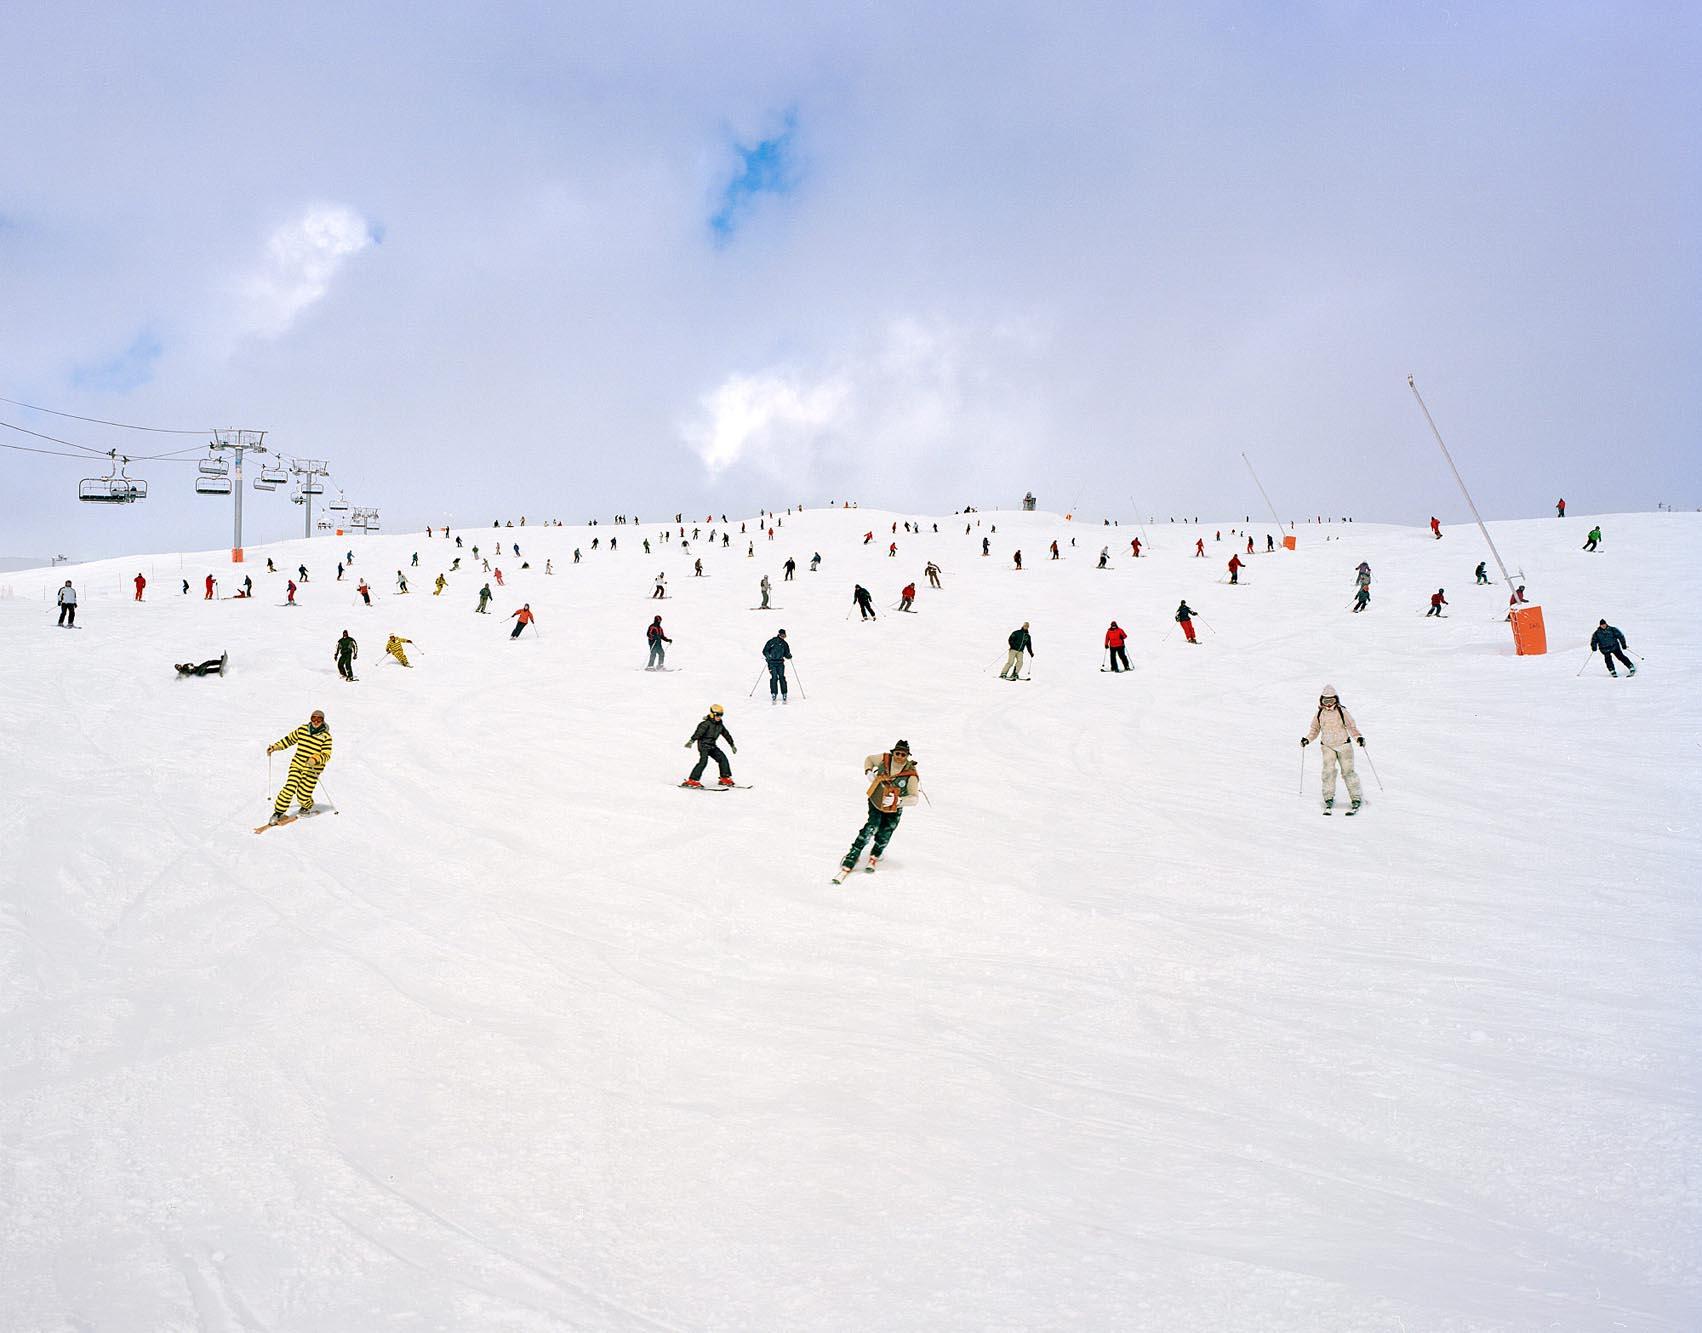 Jessica Van Der Weert Snow